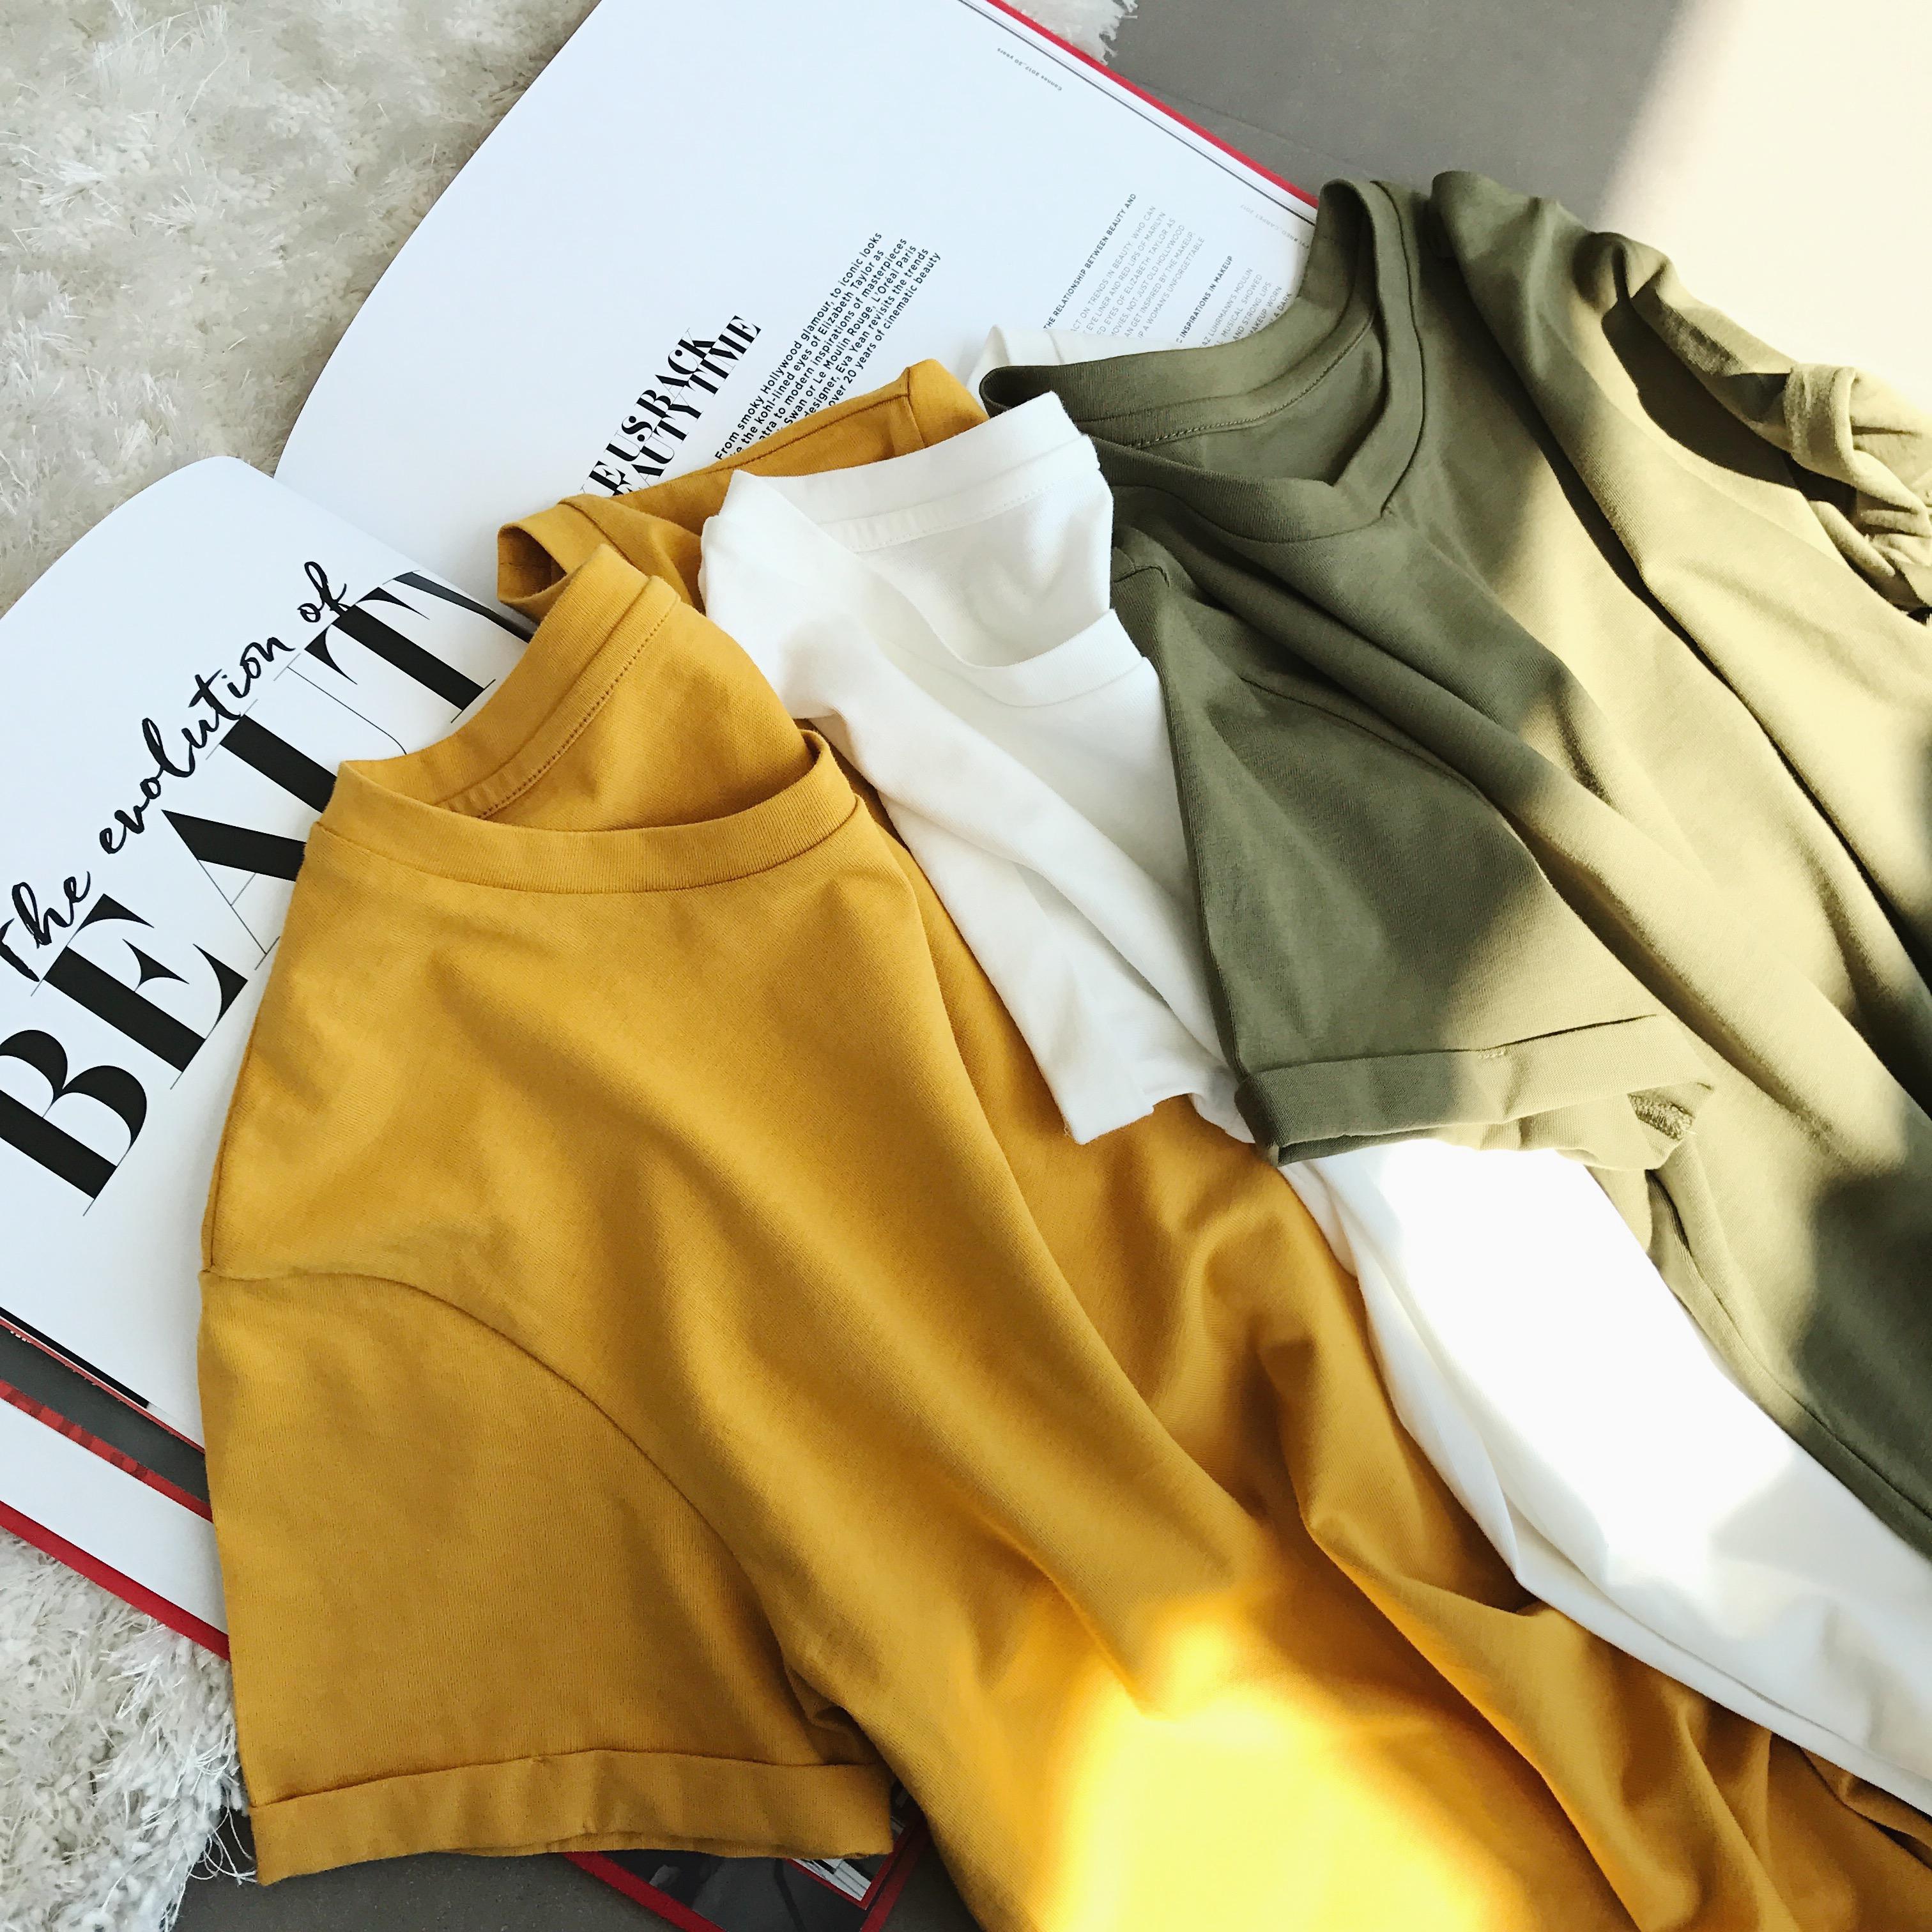 钱夫人CHINSTUDIO定制 宽松圆领纯色短袖t恤女学生显瘦打底上衣潮